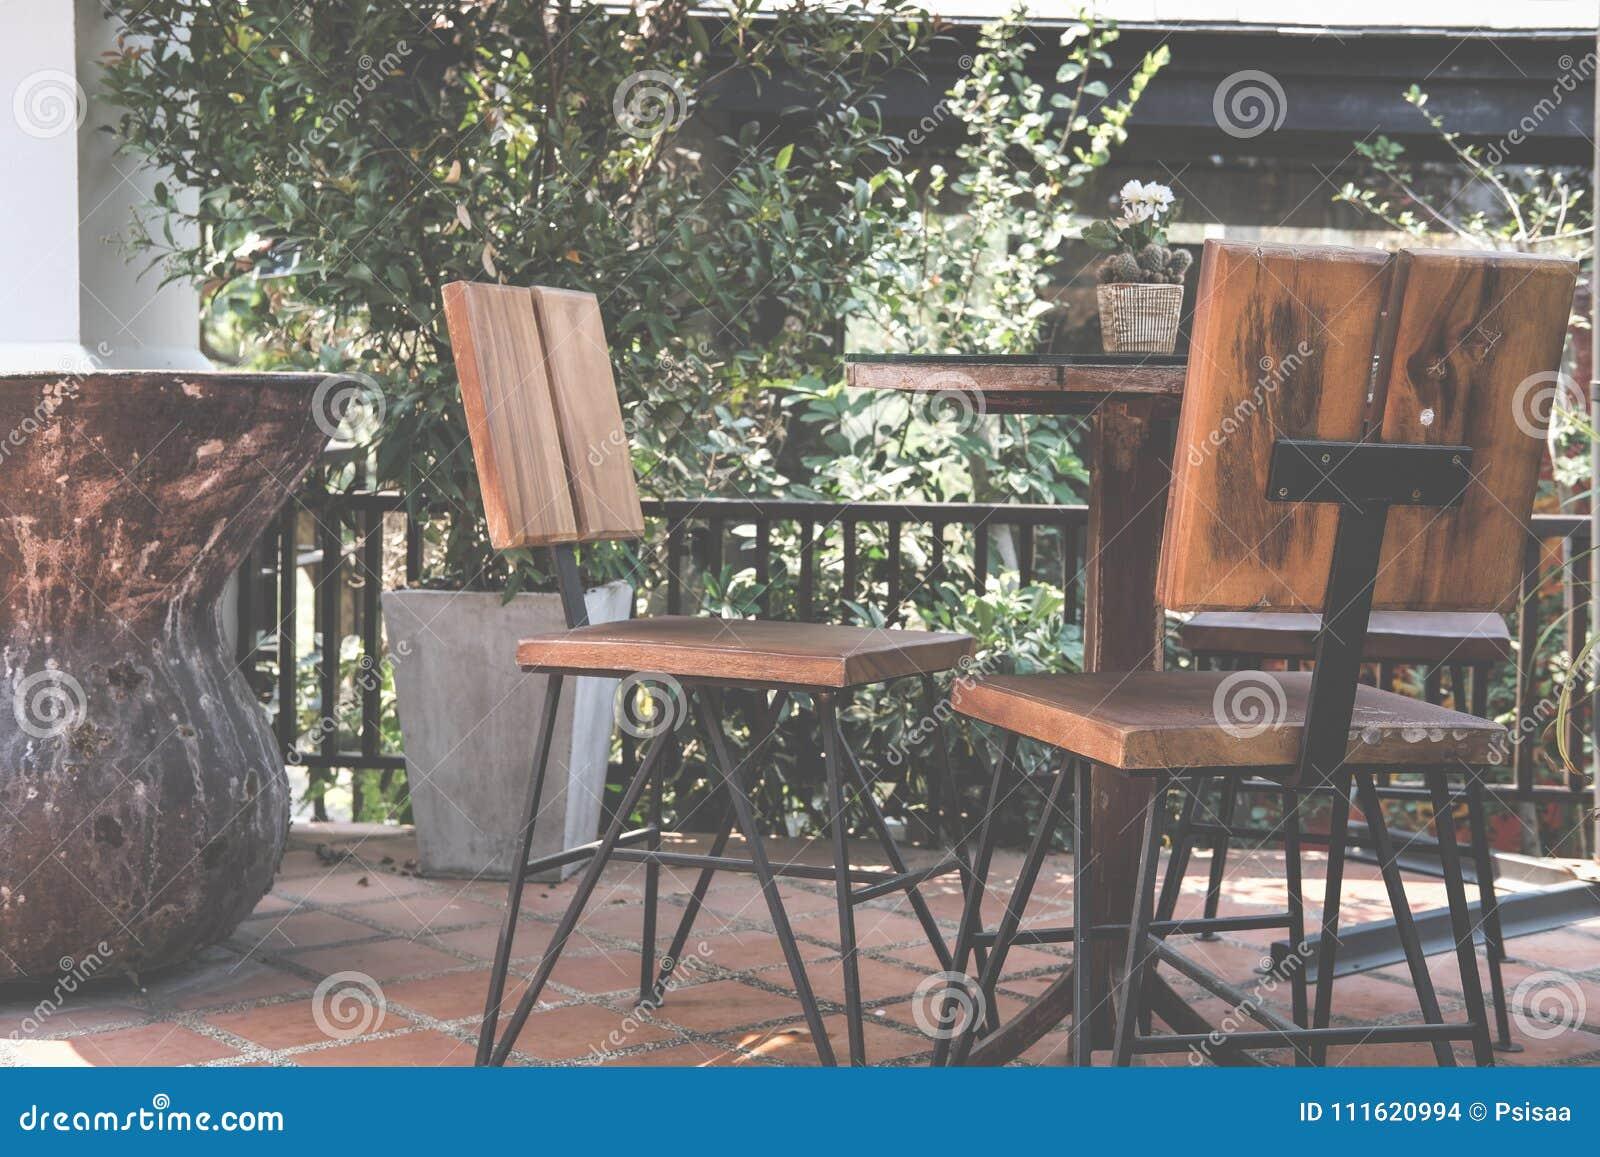 Table Ronde Sur La Terrasse De La Maison Chaise En Bois Sur Le